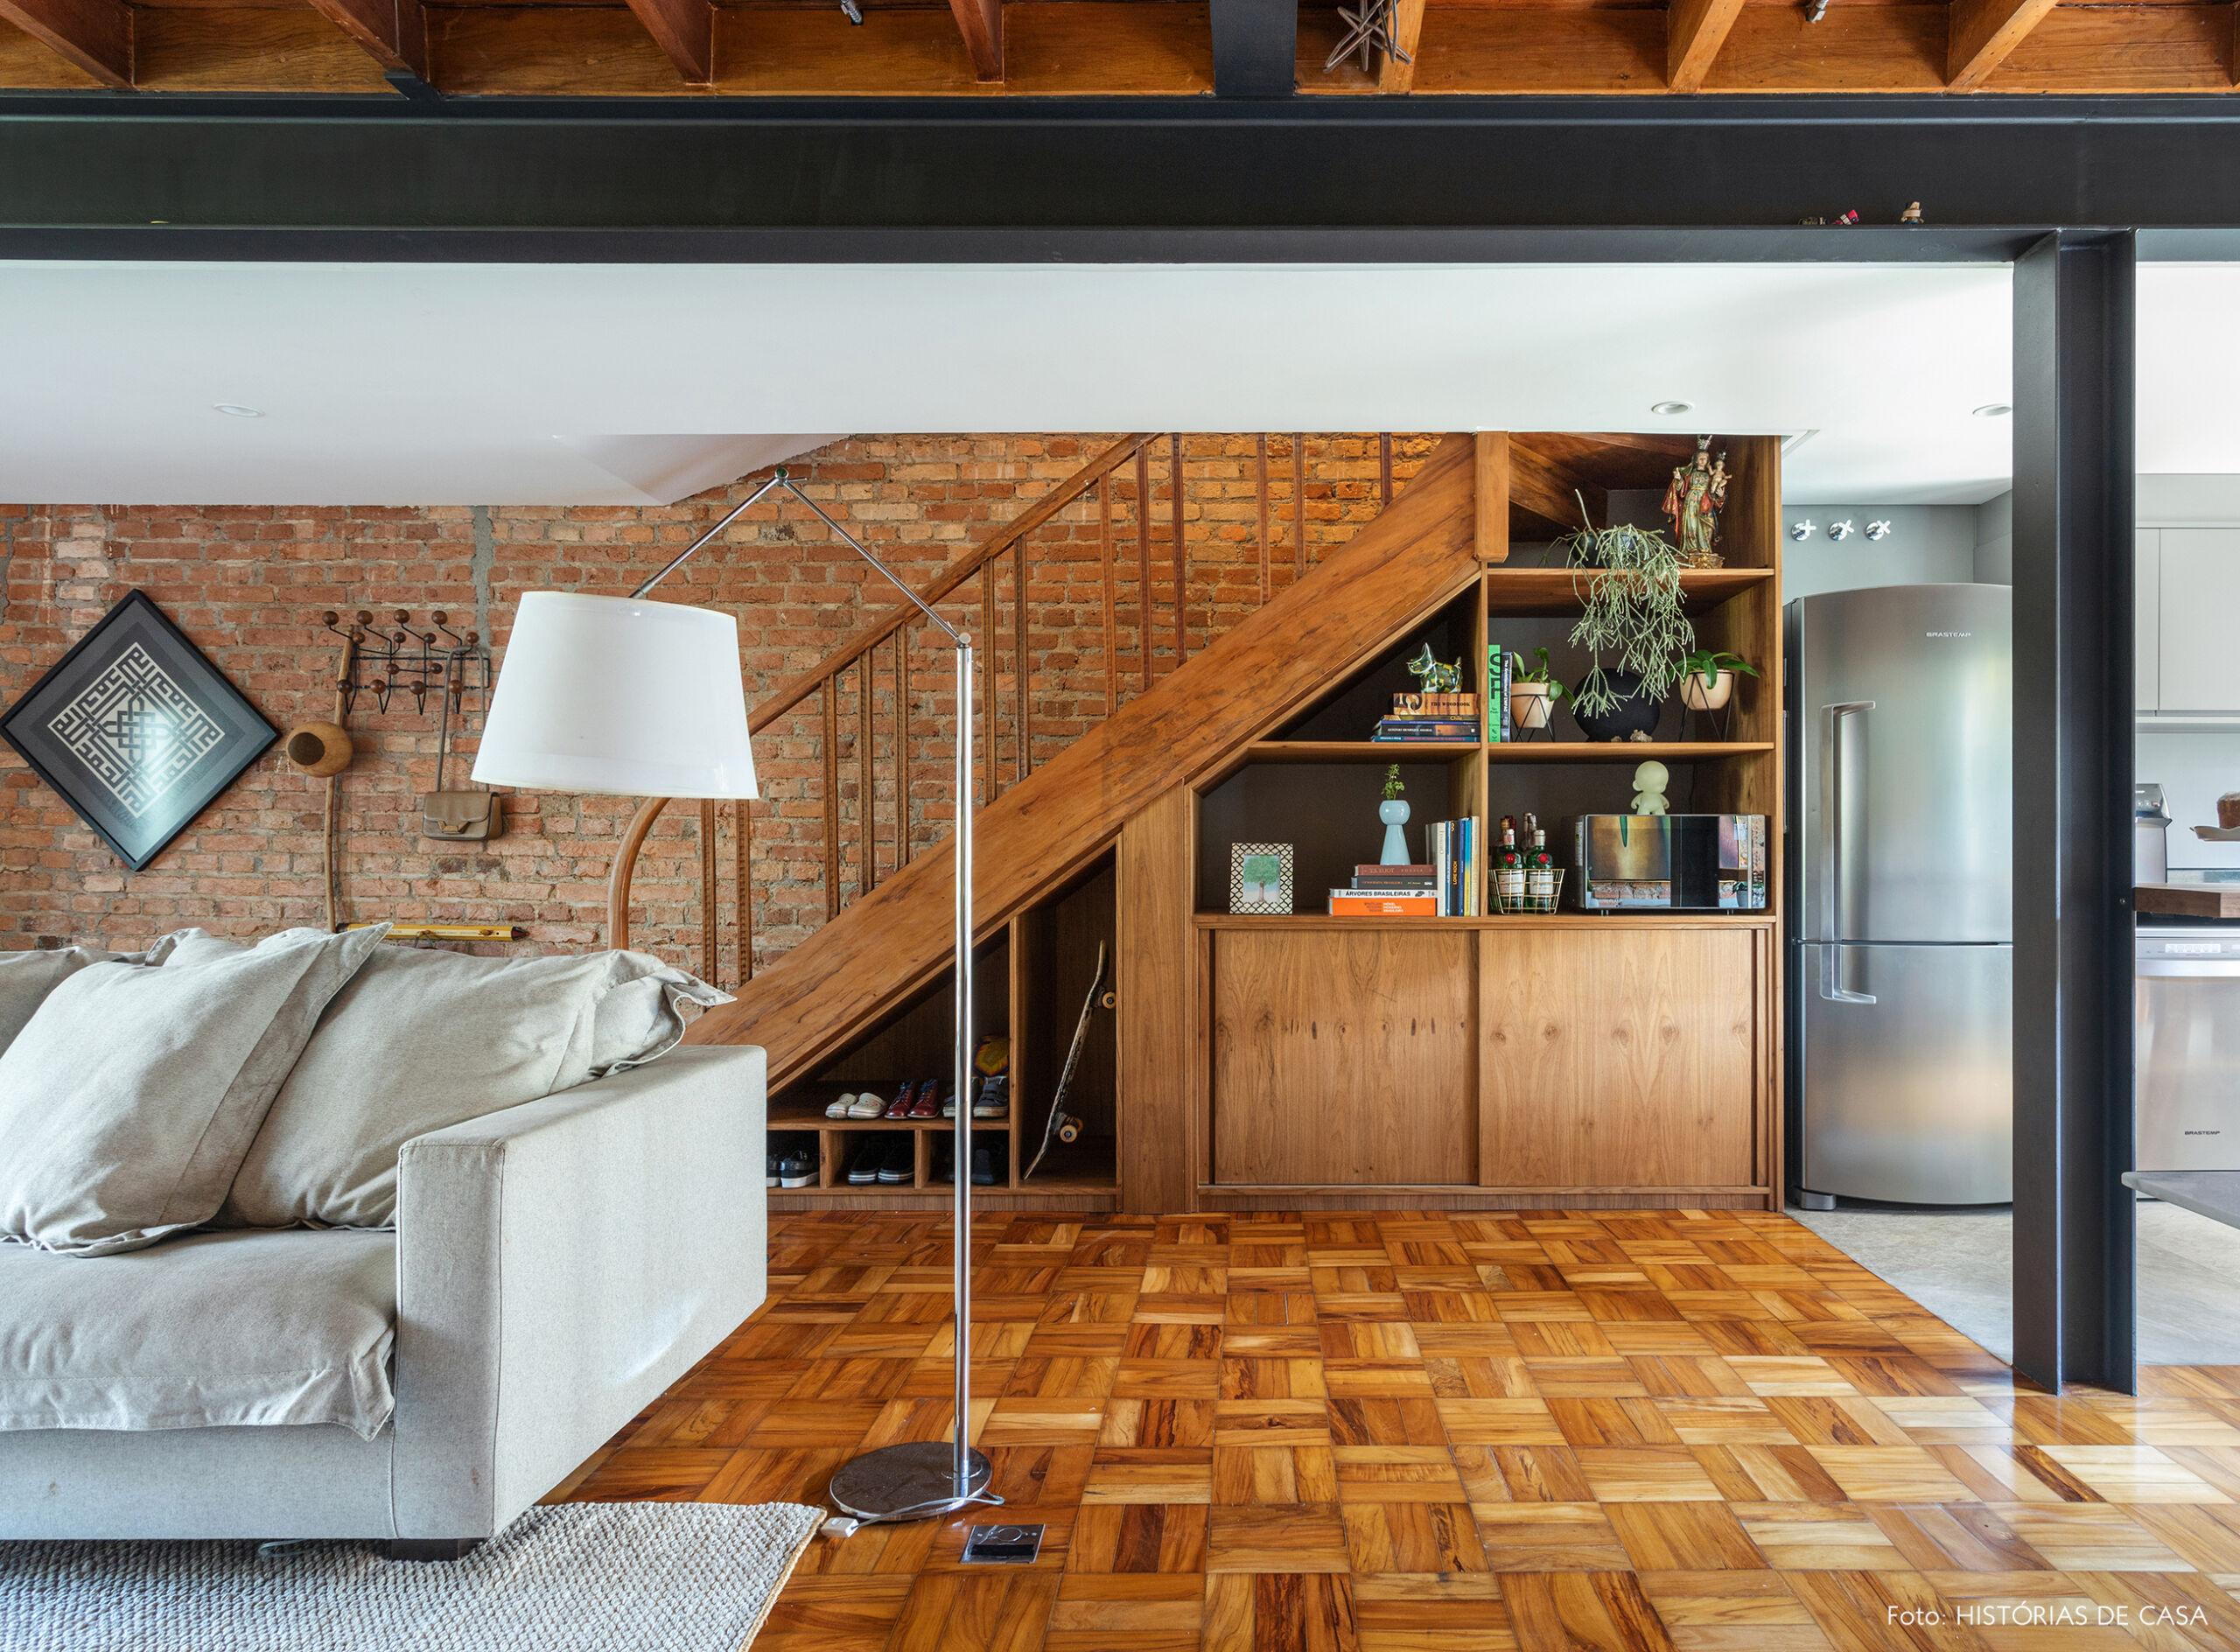 Sala integrada com piso de tacos e forro de madeira